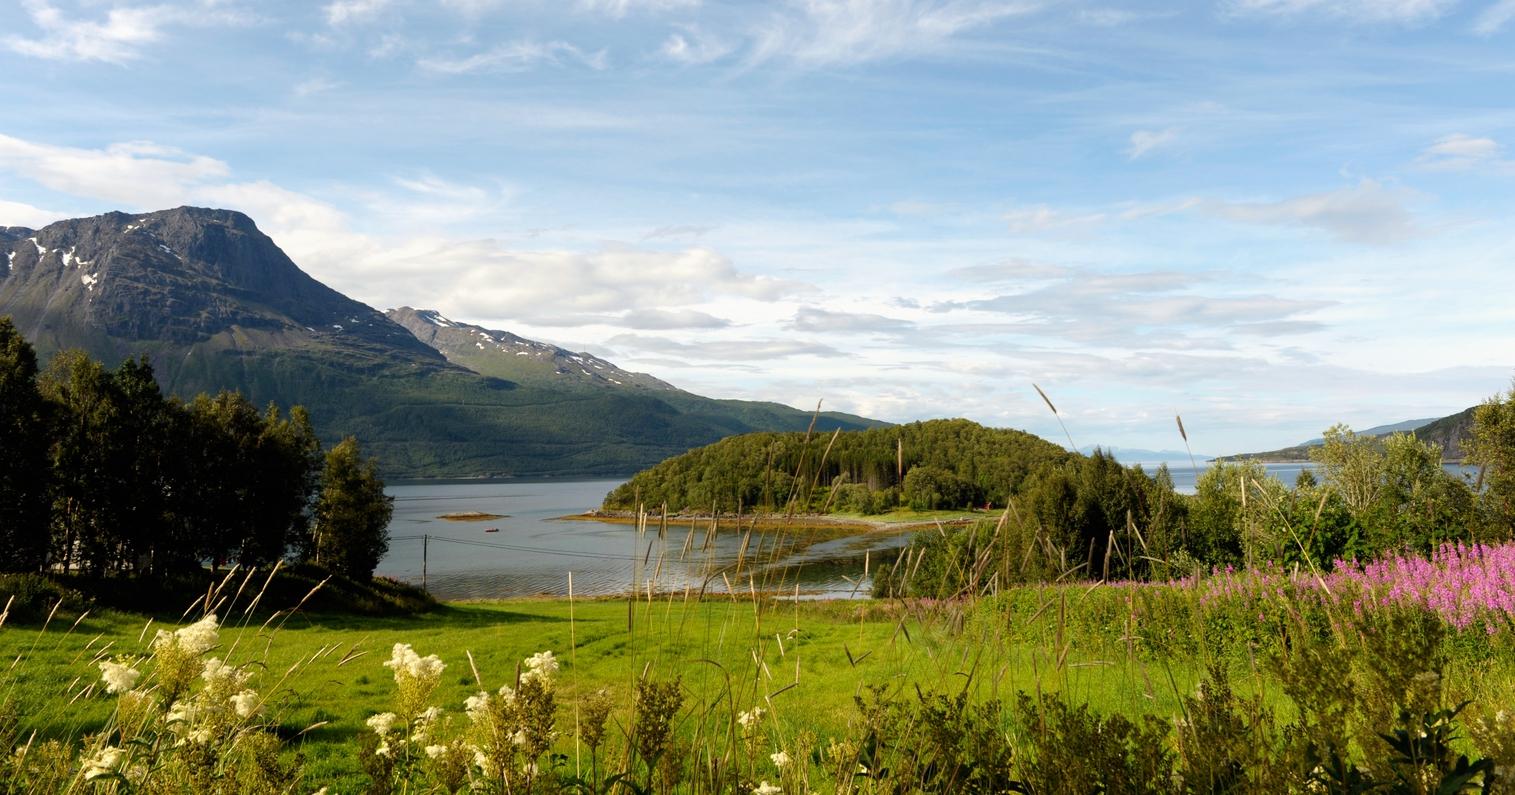 Her er avgiftene lavest - Norsk Familieøkonomi